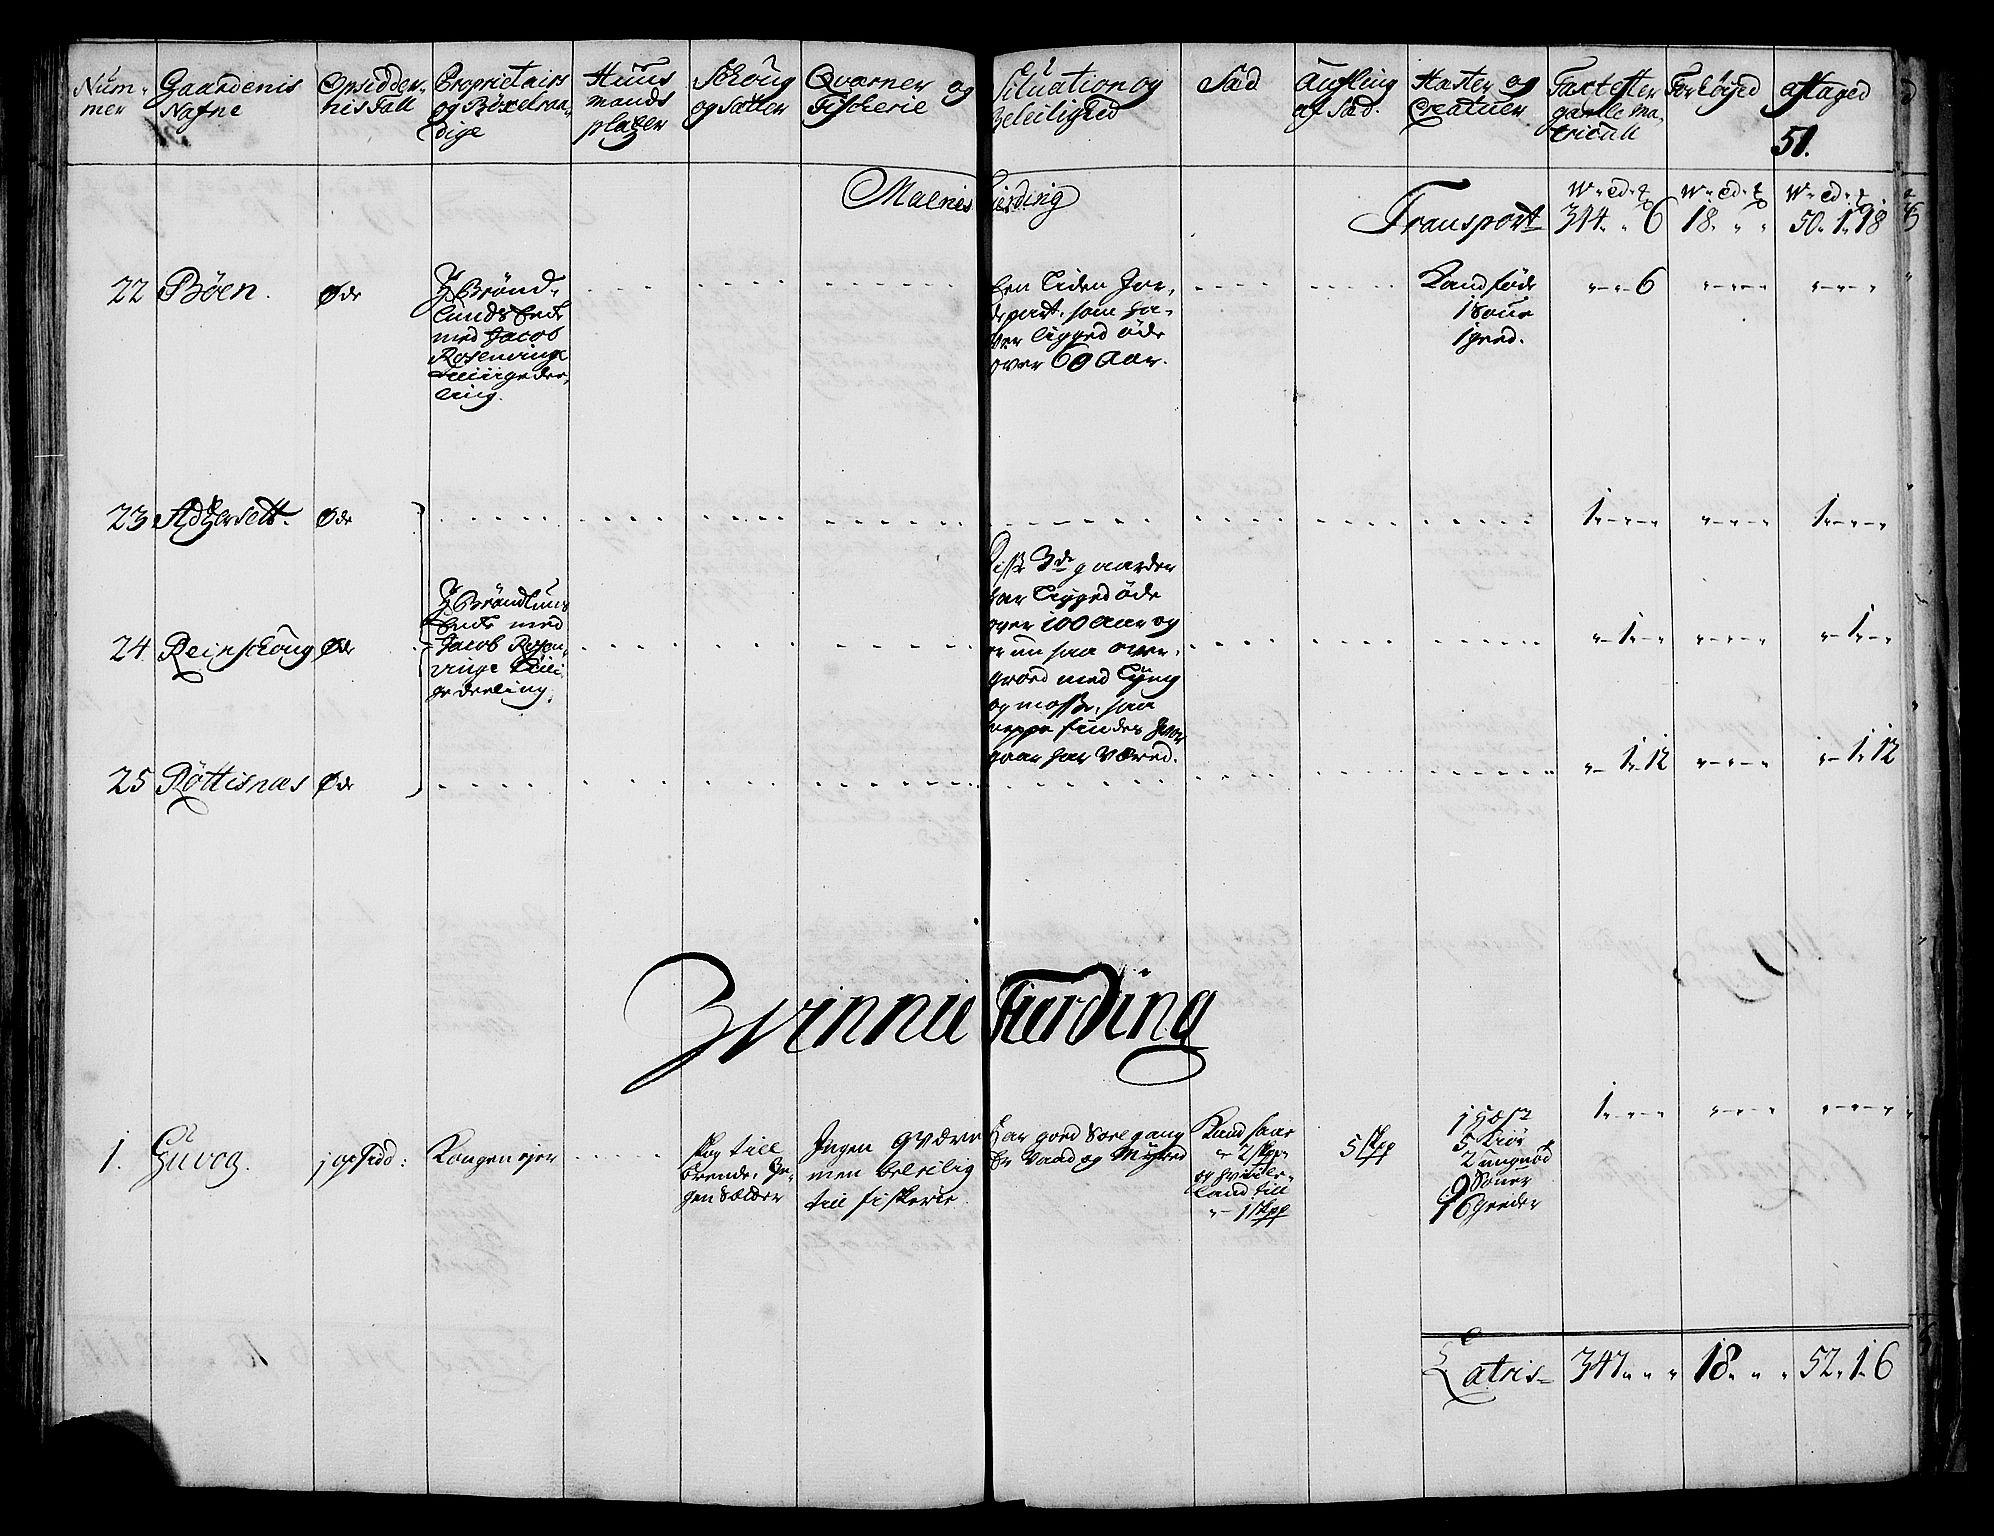 RA, Rentekammeret inntil 1814, Realistisk ordnet avdeling, N/Nb/Nbf/L0176: Vesterålen og Andenes eksaminasjonsprotokoll, 1723, s. 50b-51a